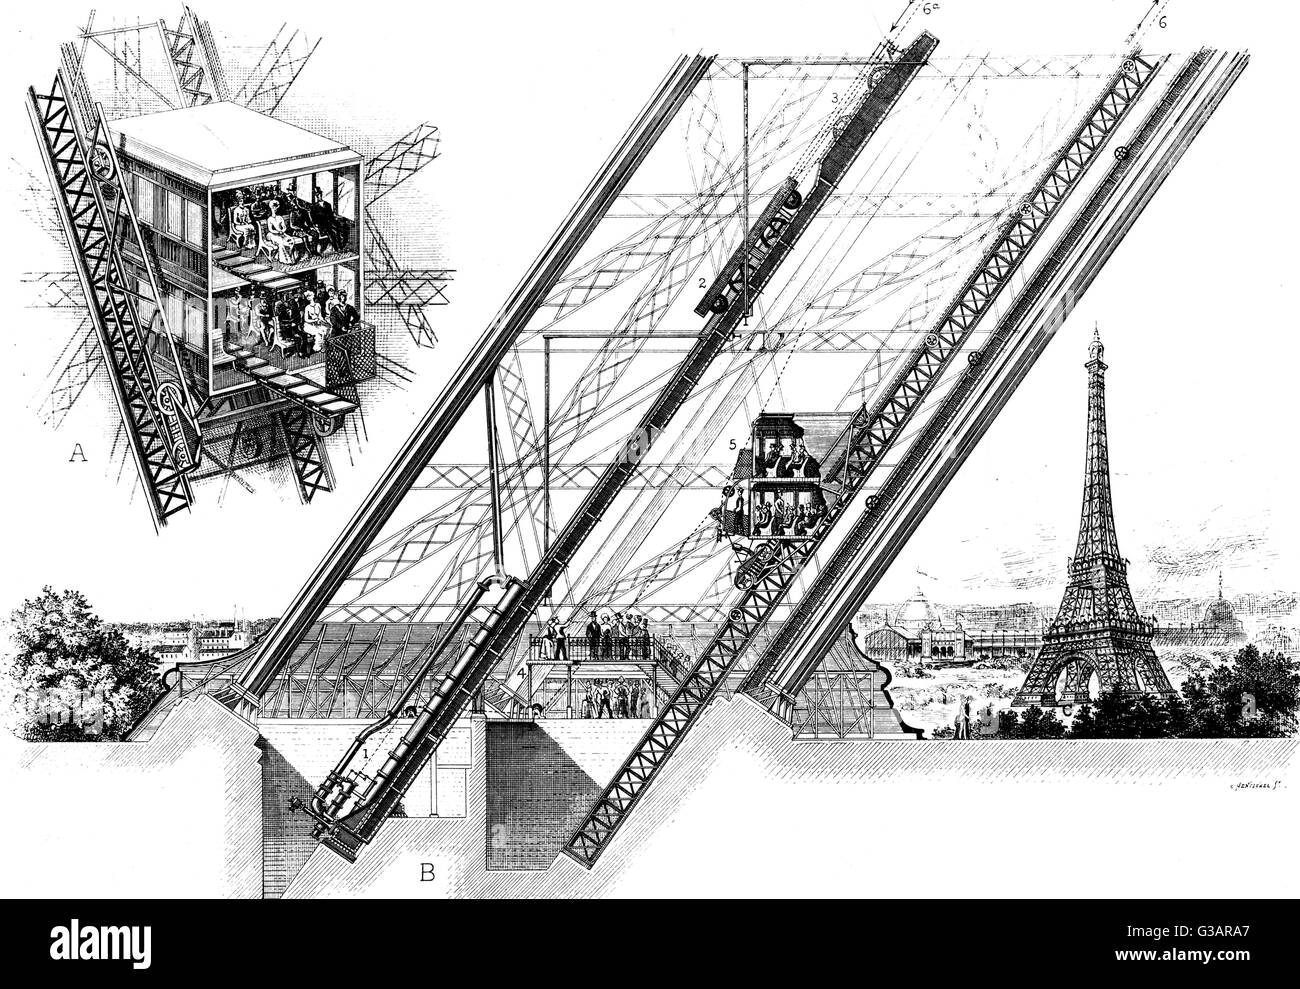 Paris, France - La Tour Eiffel, les ascenseurs Otis. L'Otis ascenseur dans la Tour Eiffel, construite par l'entreprise américaine ascenseur. première vue montre une voiture remplie de cinquante passagers avec l'avant a été retiré pour montrer l'intérieur. La figure B montre une jambe de th Banque D'Images